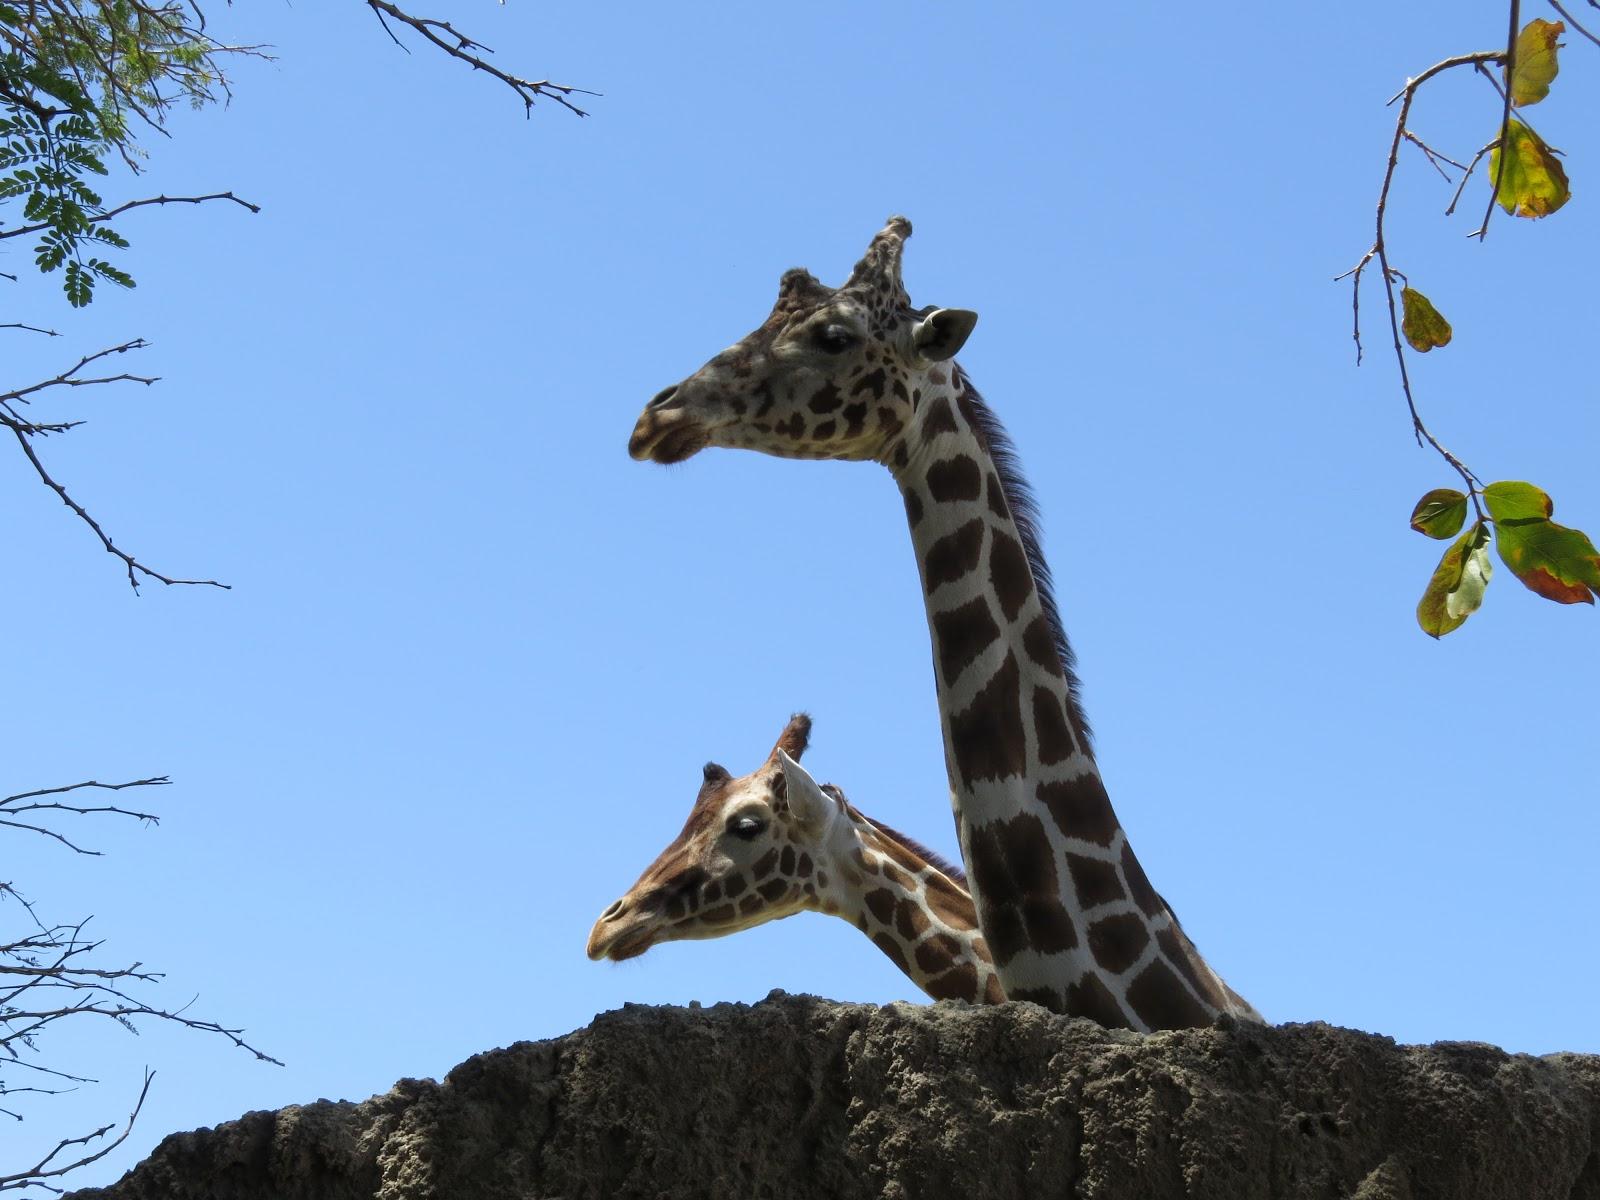 The Living Desert giraffe